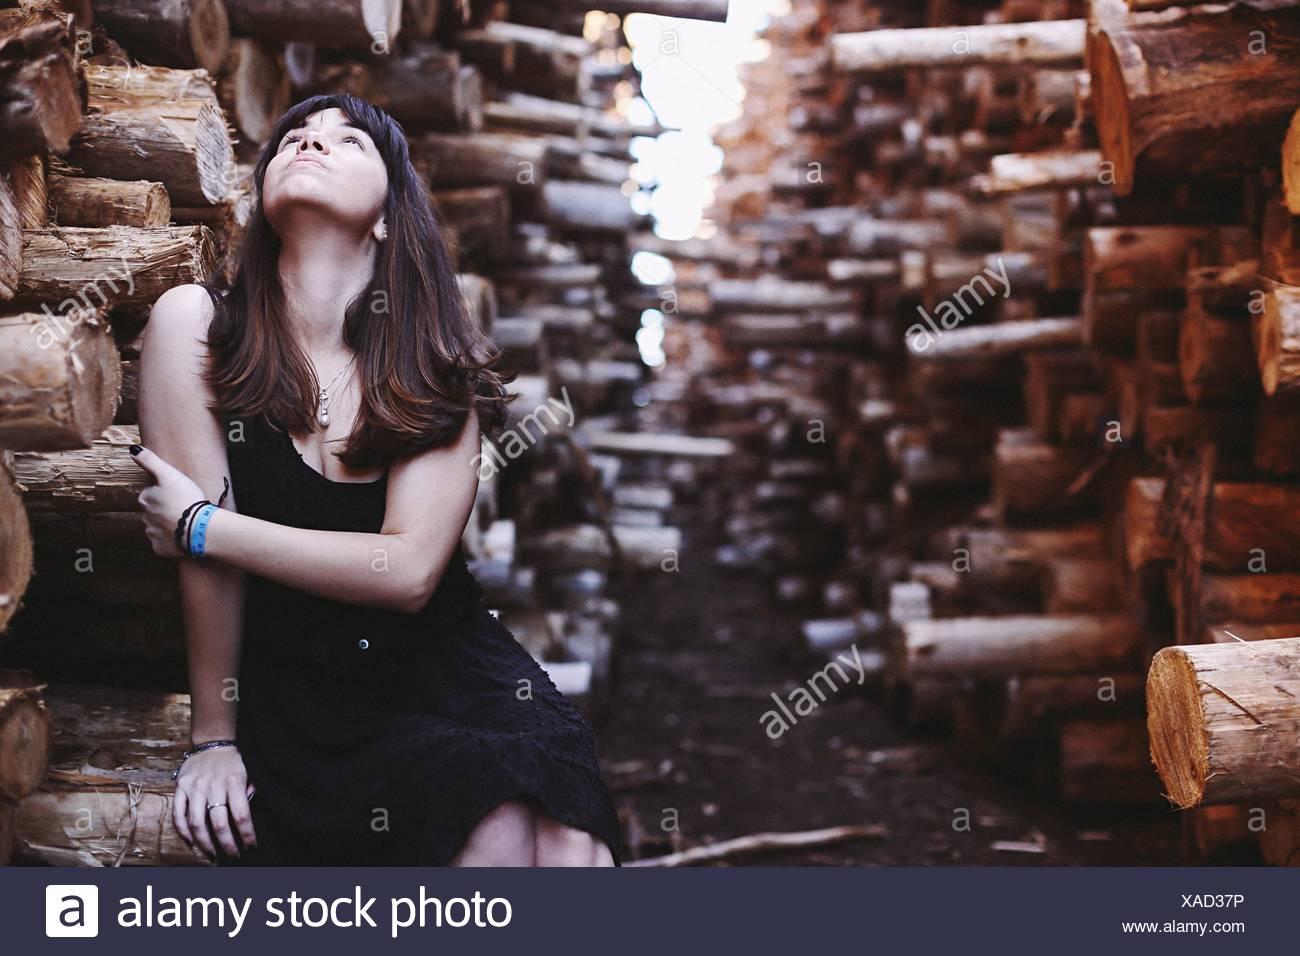 Donna seduta su boschi cercando dei braccetti di trattenimento all'aperto Immagini Stock